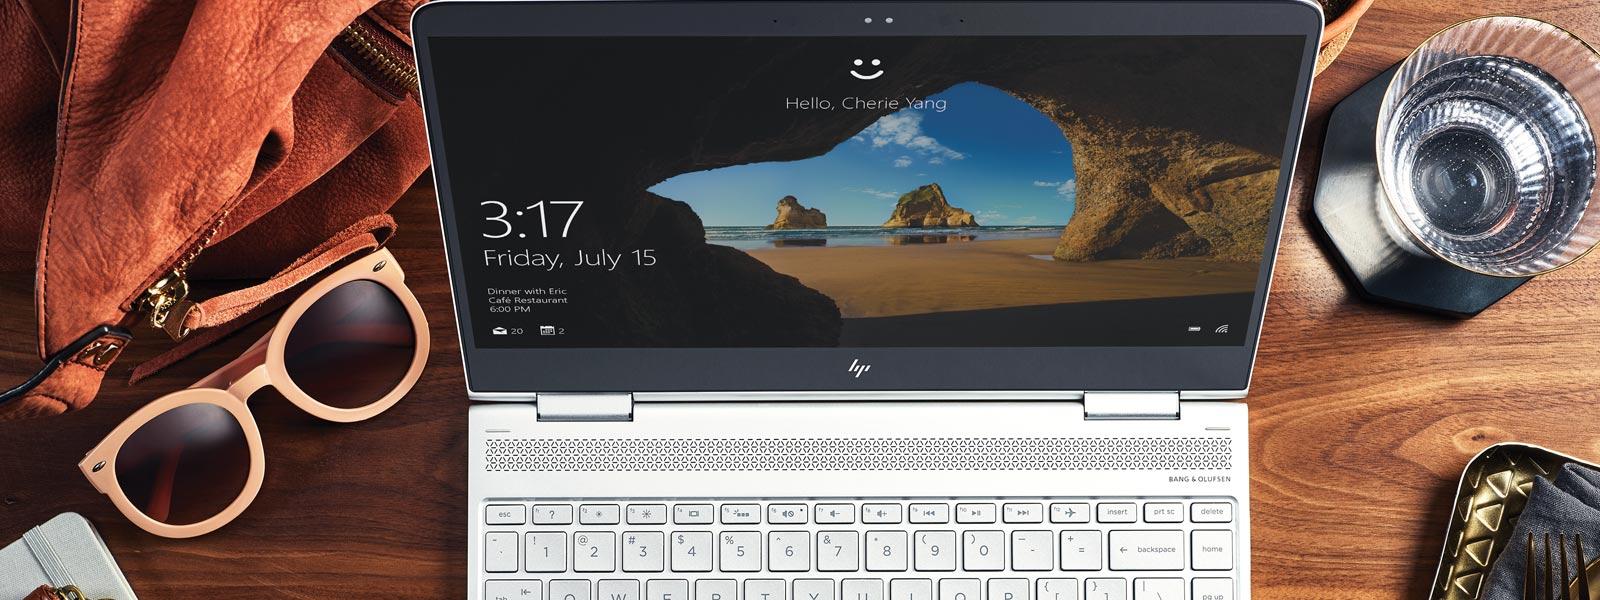 Vista superior de um dispositivo Windows 10 numa secretária